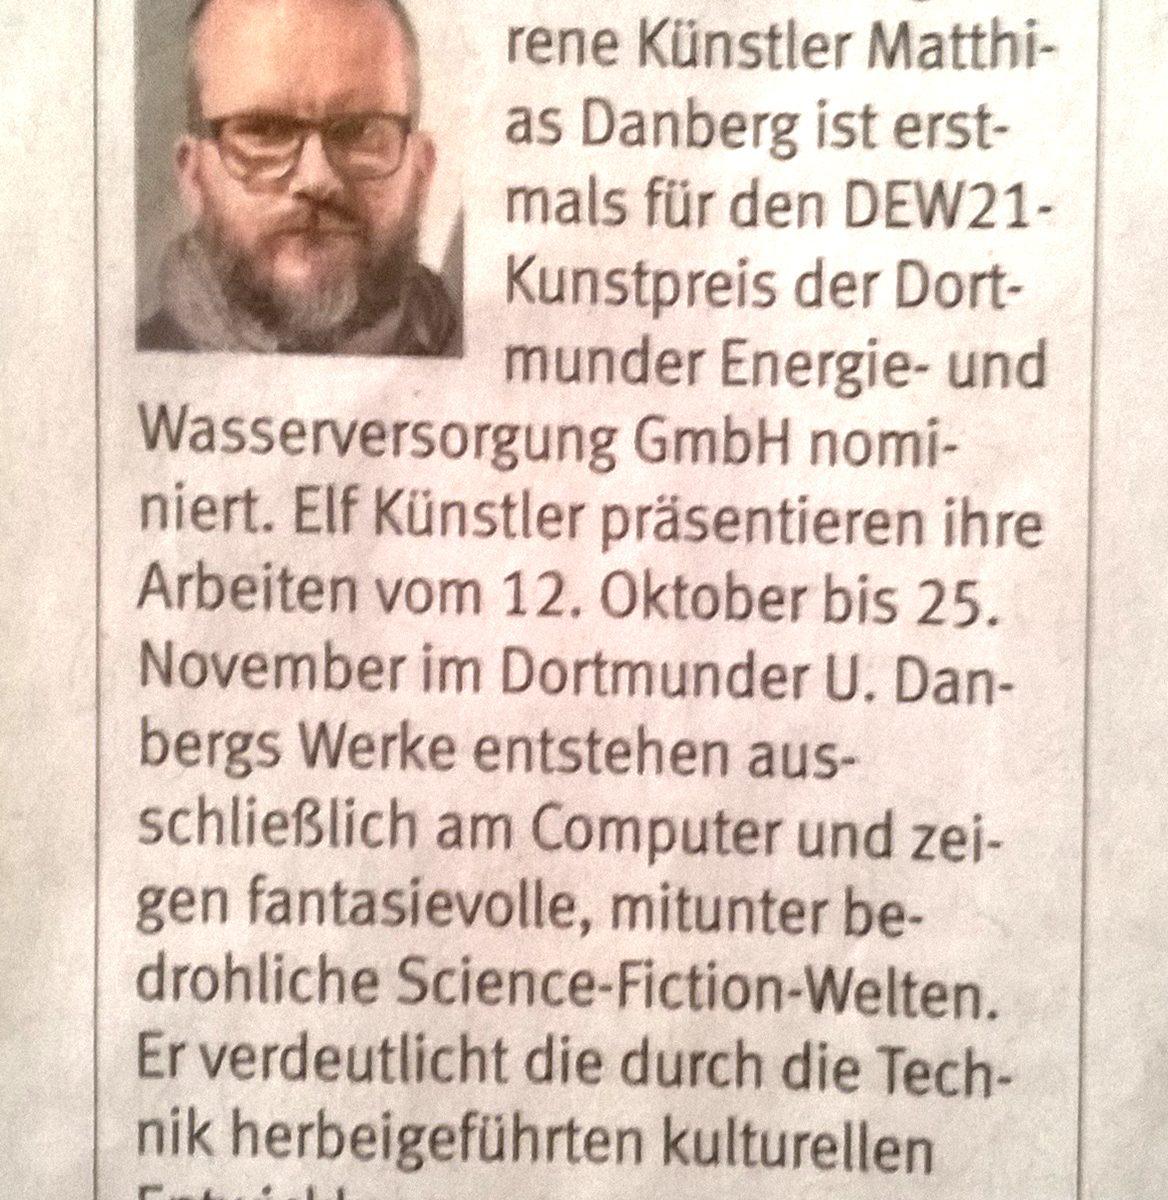 Matthias Danberg nominiert für DEW21-Kunstpreis